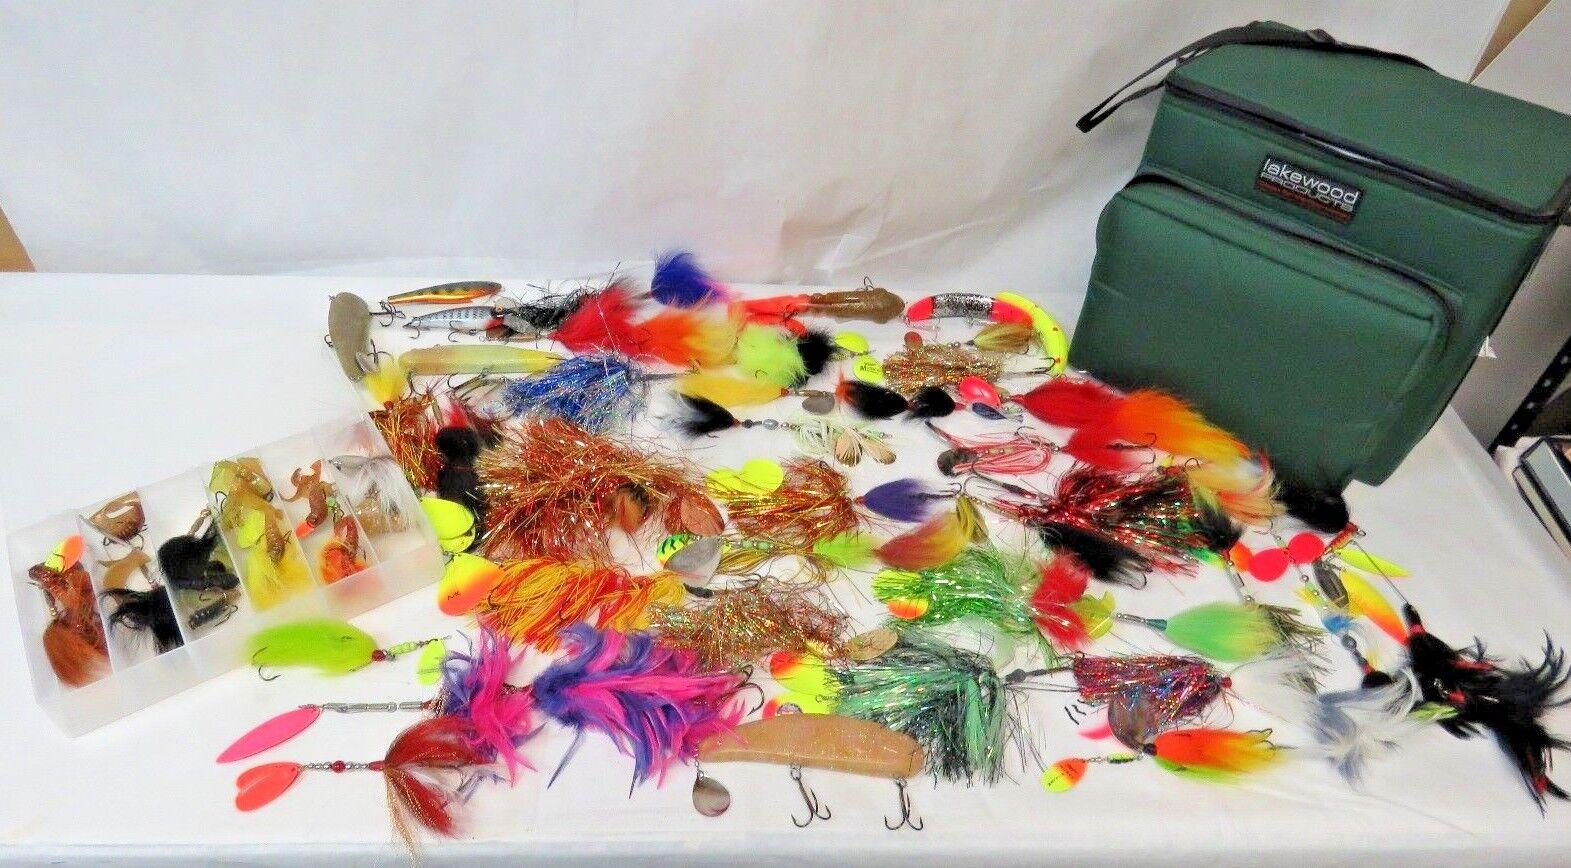 Lote de 52 Vintage Señuelos de pesca 4  - 11  Pluma de giro Lakewood producto Tackle